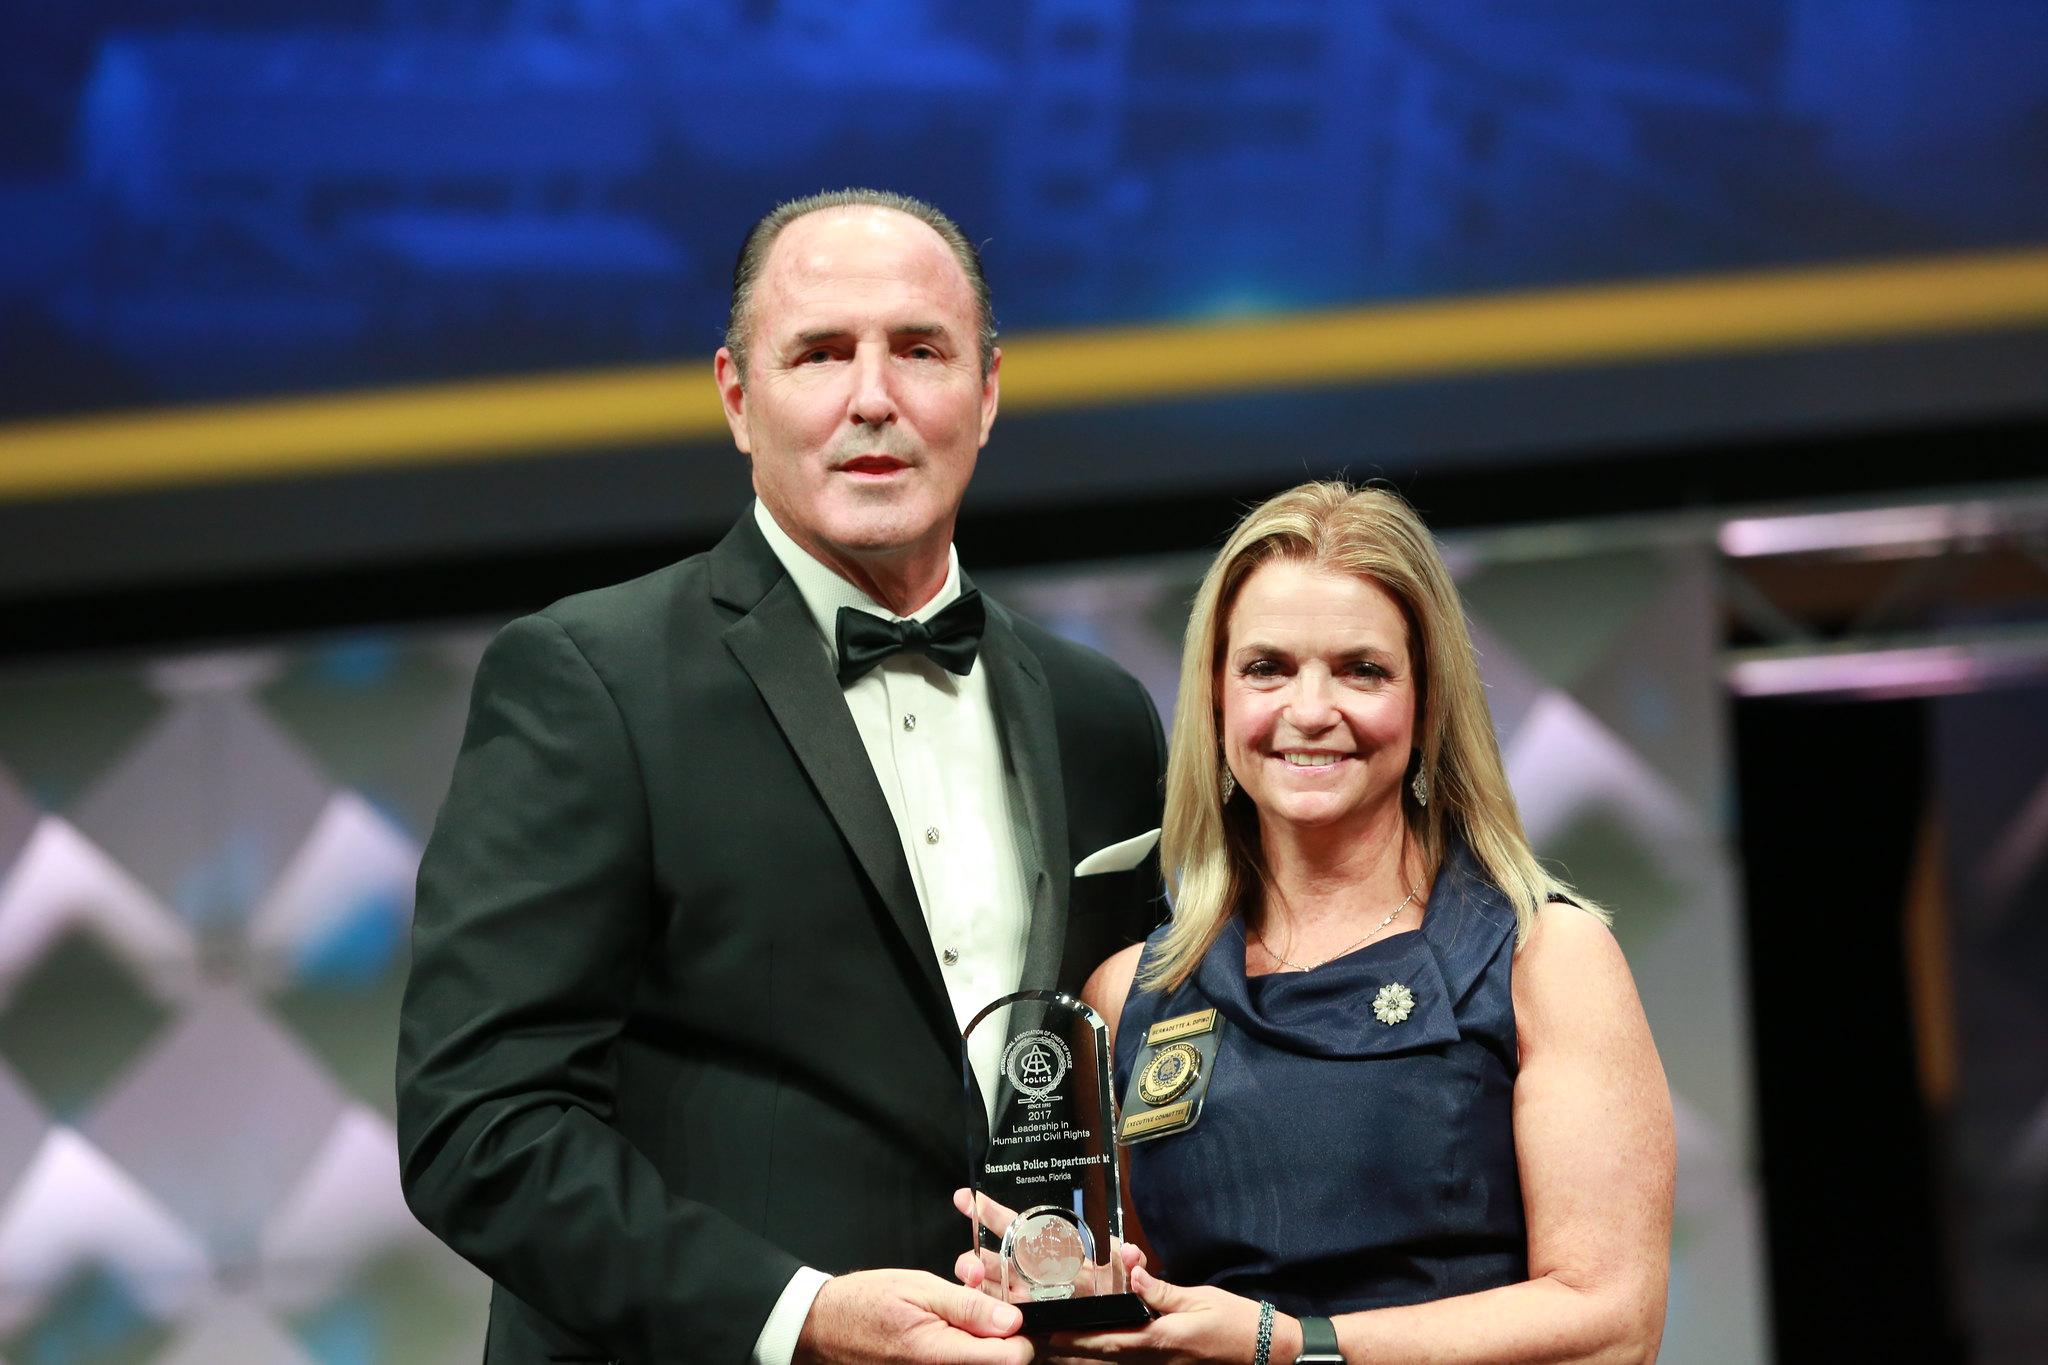 IACP Leadership in Human and Civil Rights Award - Sarasota